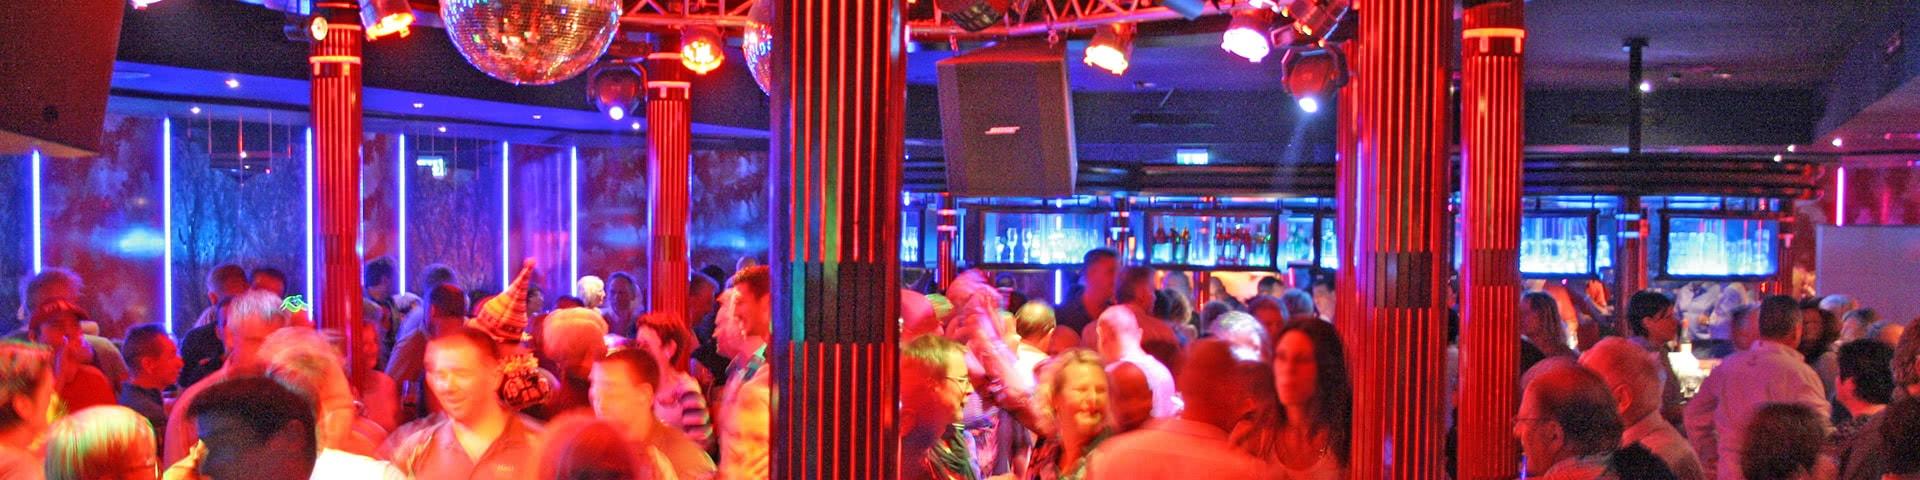 Volle Tanzfläche im Starblub im Sauerland Stern Hotel in Willingen